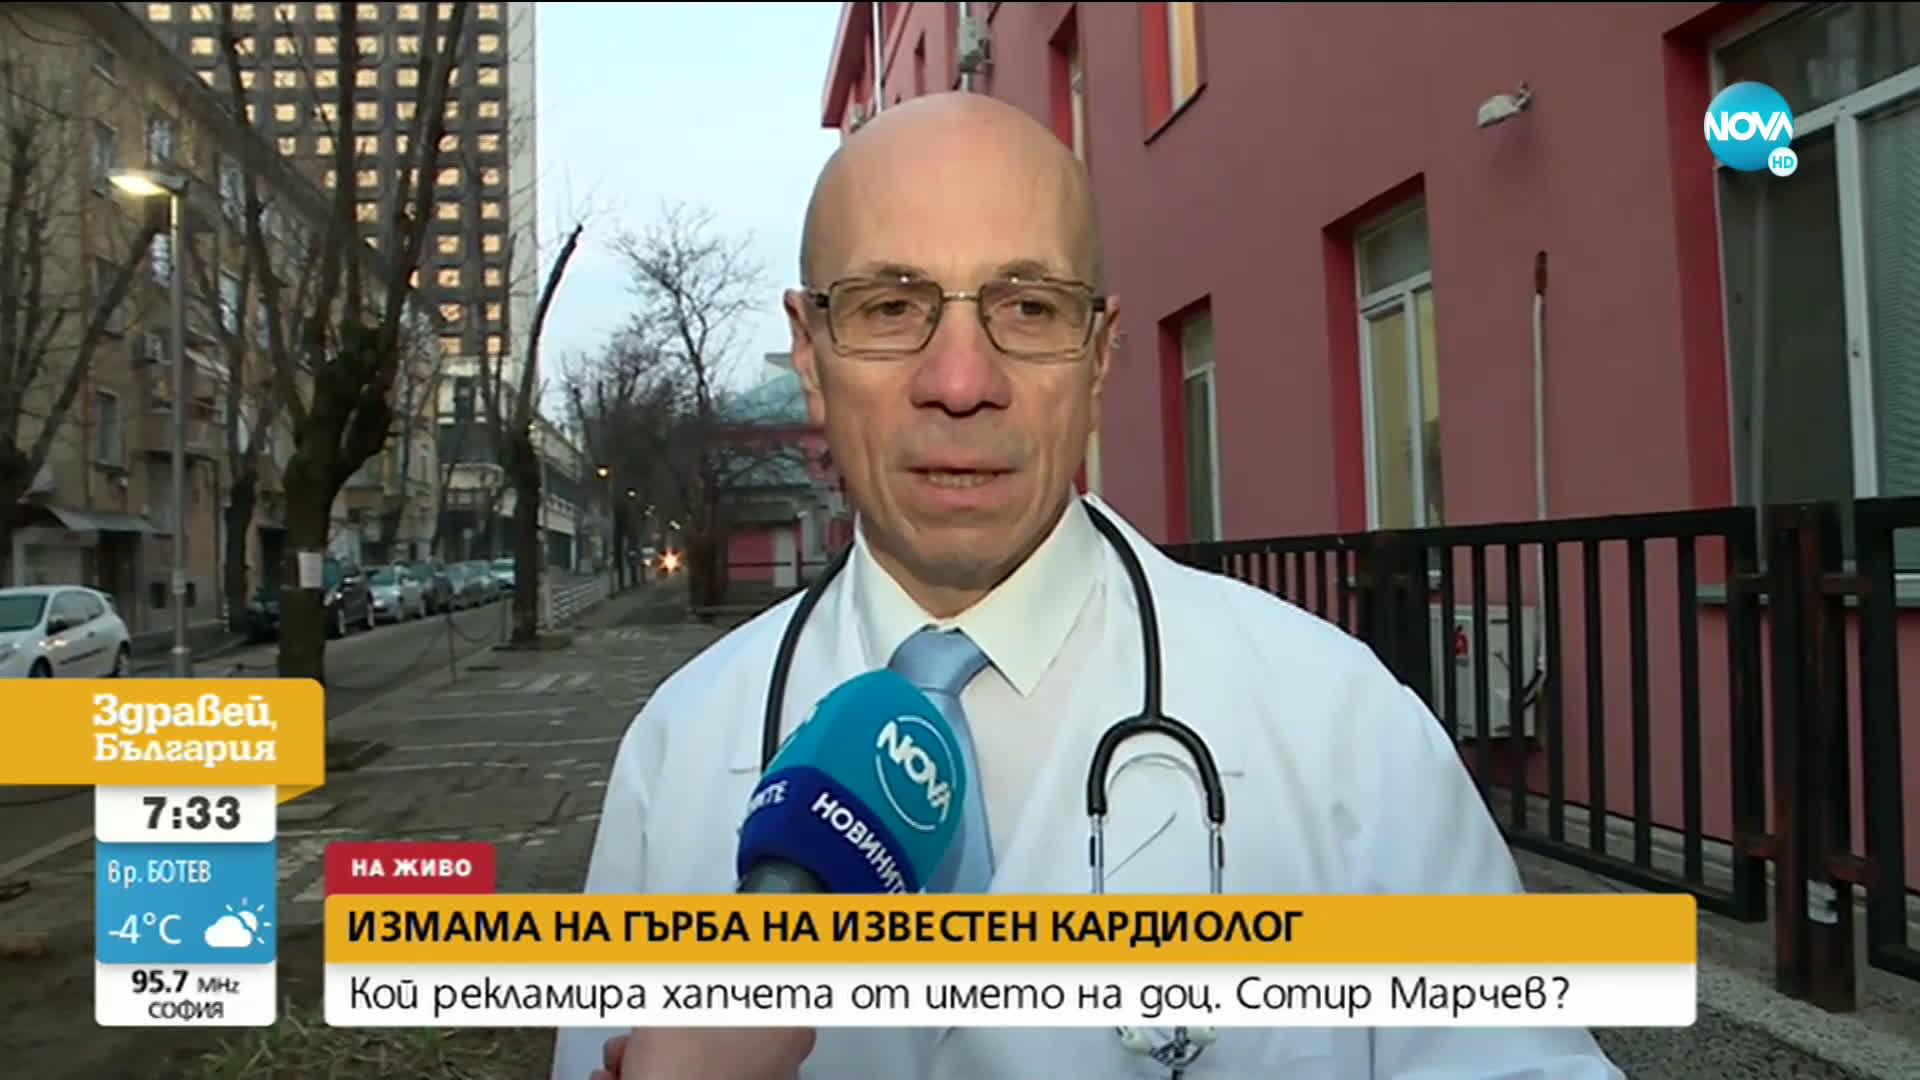 ИЗМАМА: Рекламират хапчета от името на известен кардиолог